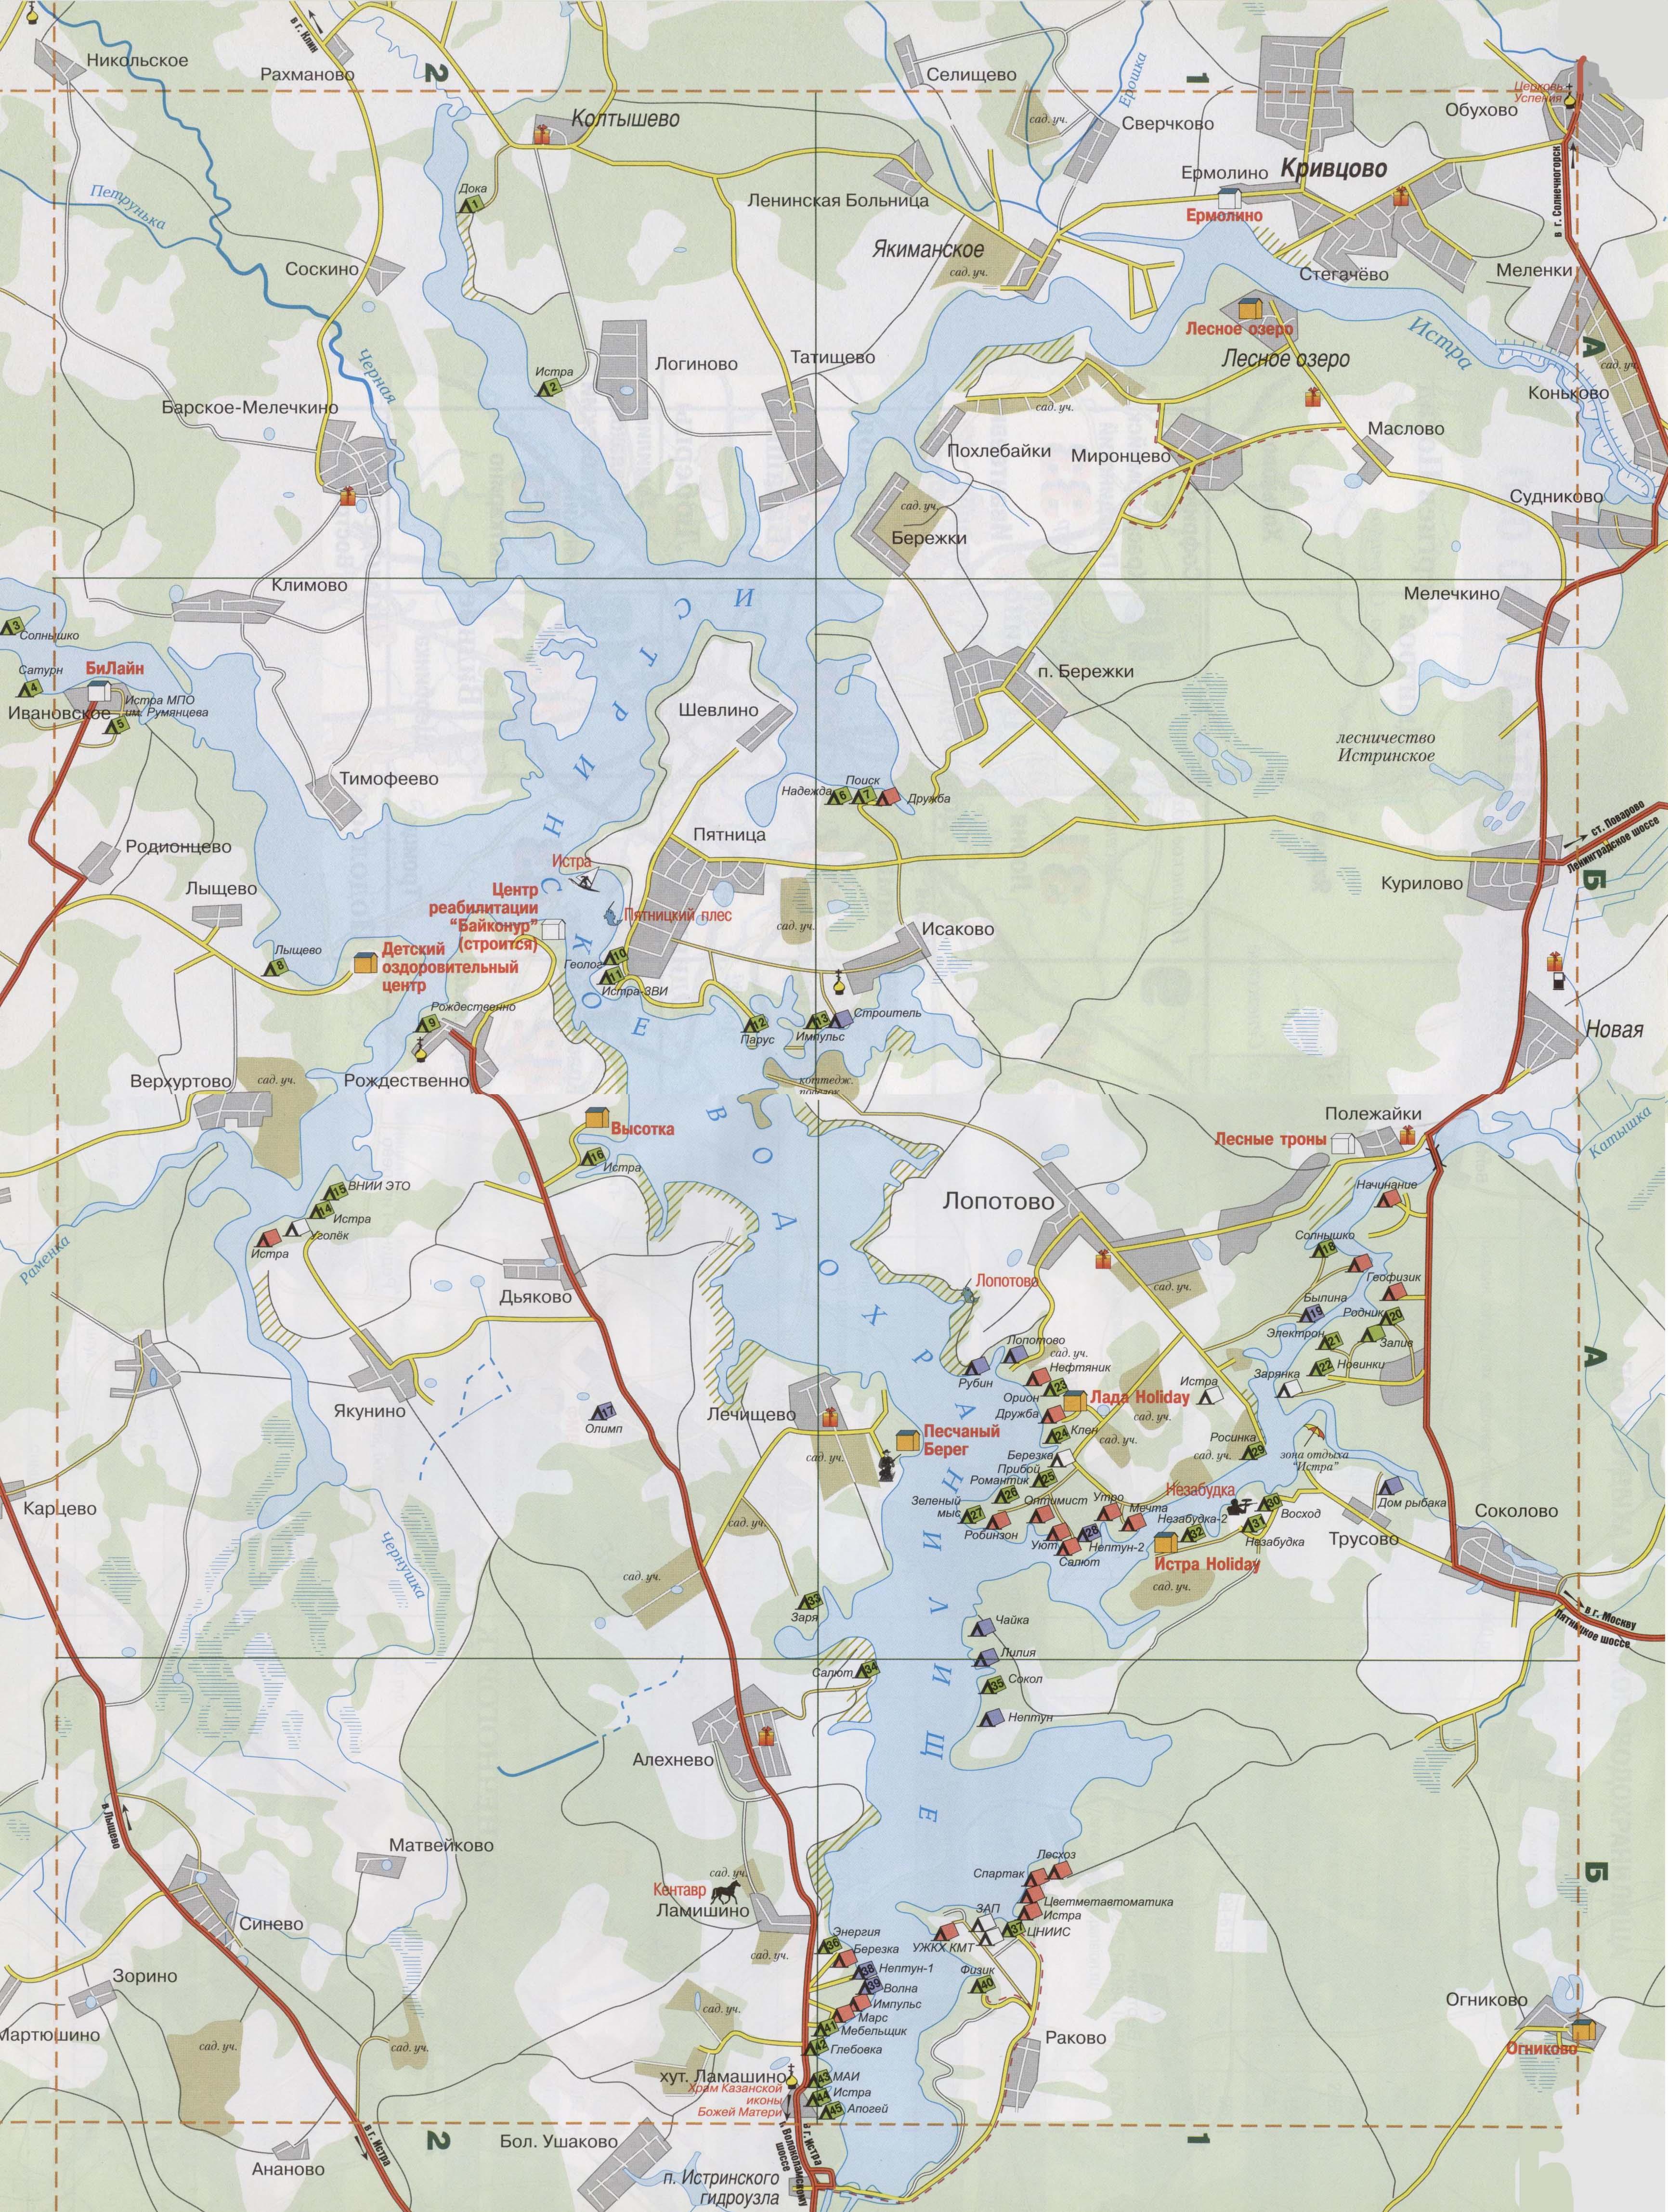 рыбалка в подмосковье бесплатно карта с координатами